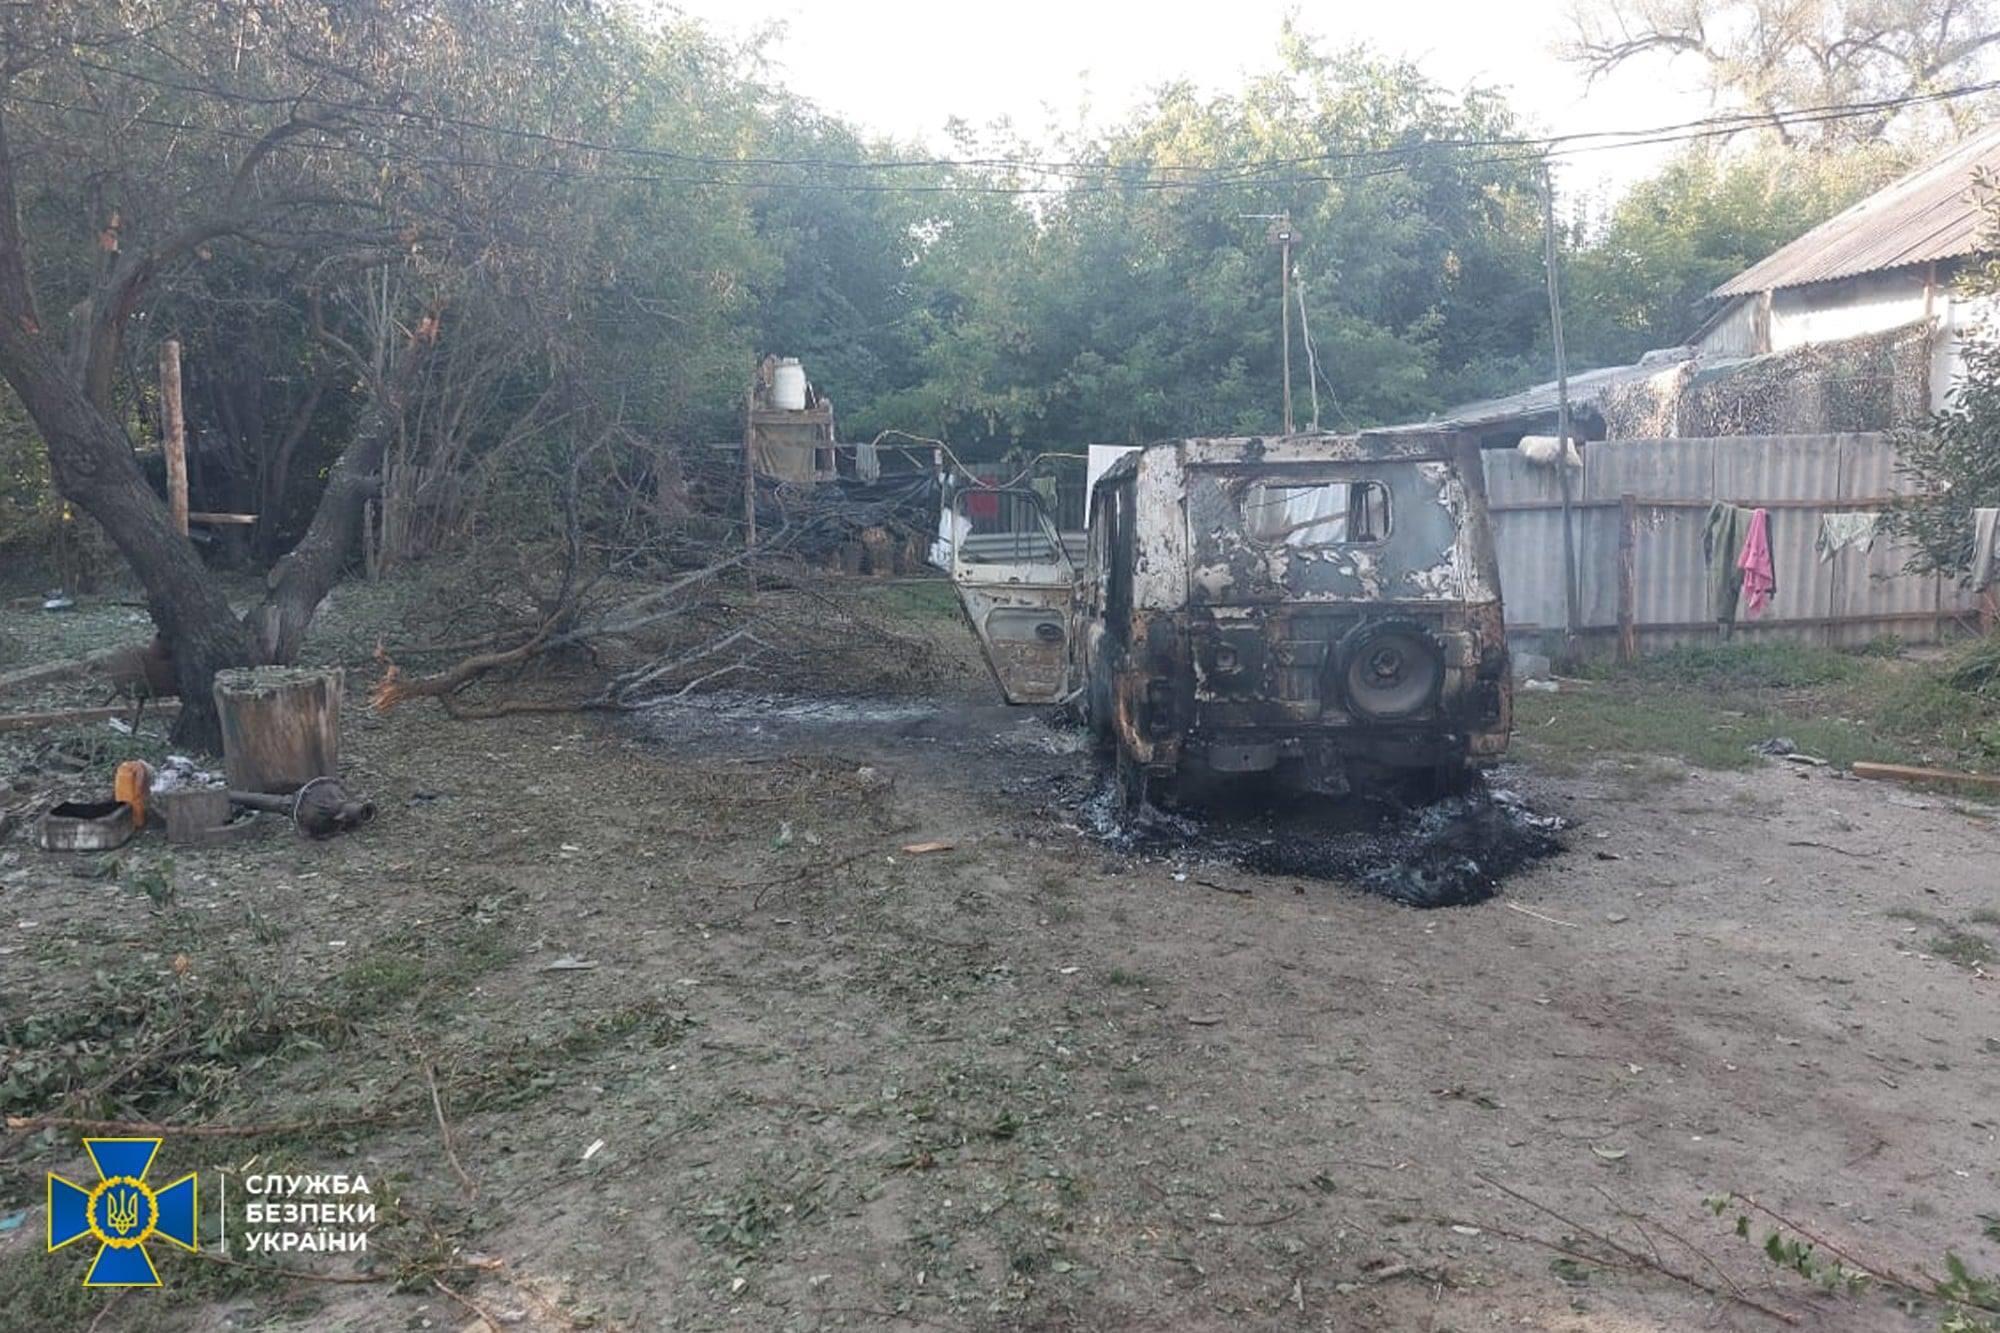 Бойовики обстріляли оперативників СБУ неподалік від лінії зіткнення на Луганщині